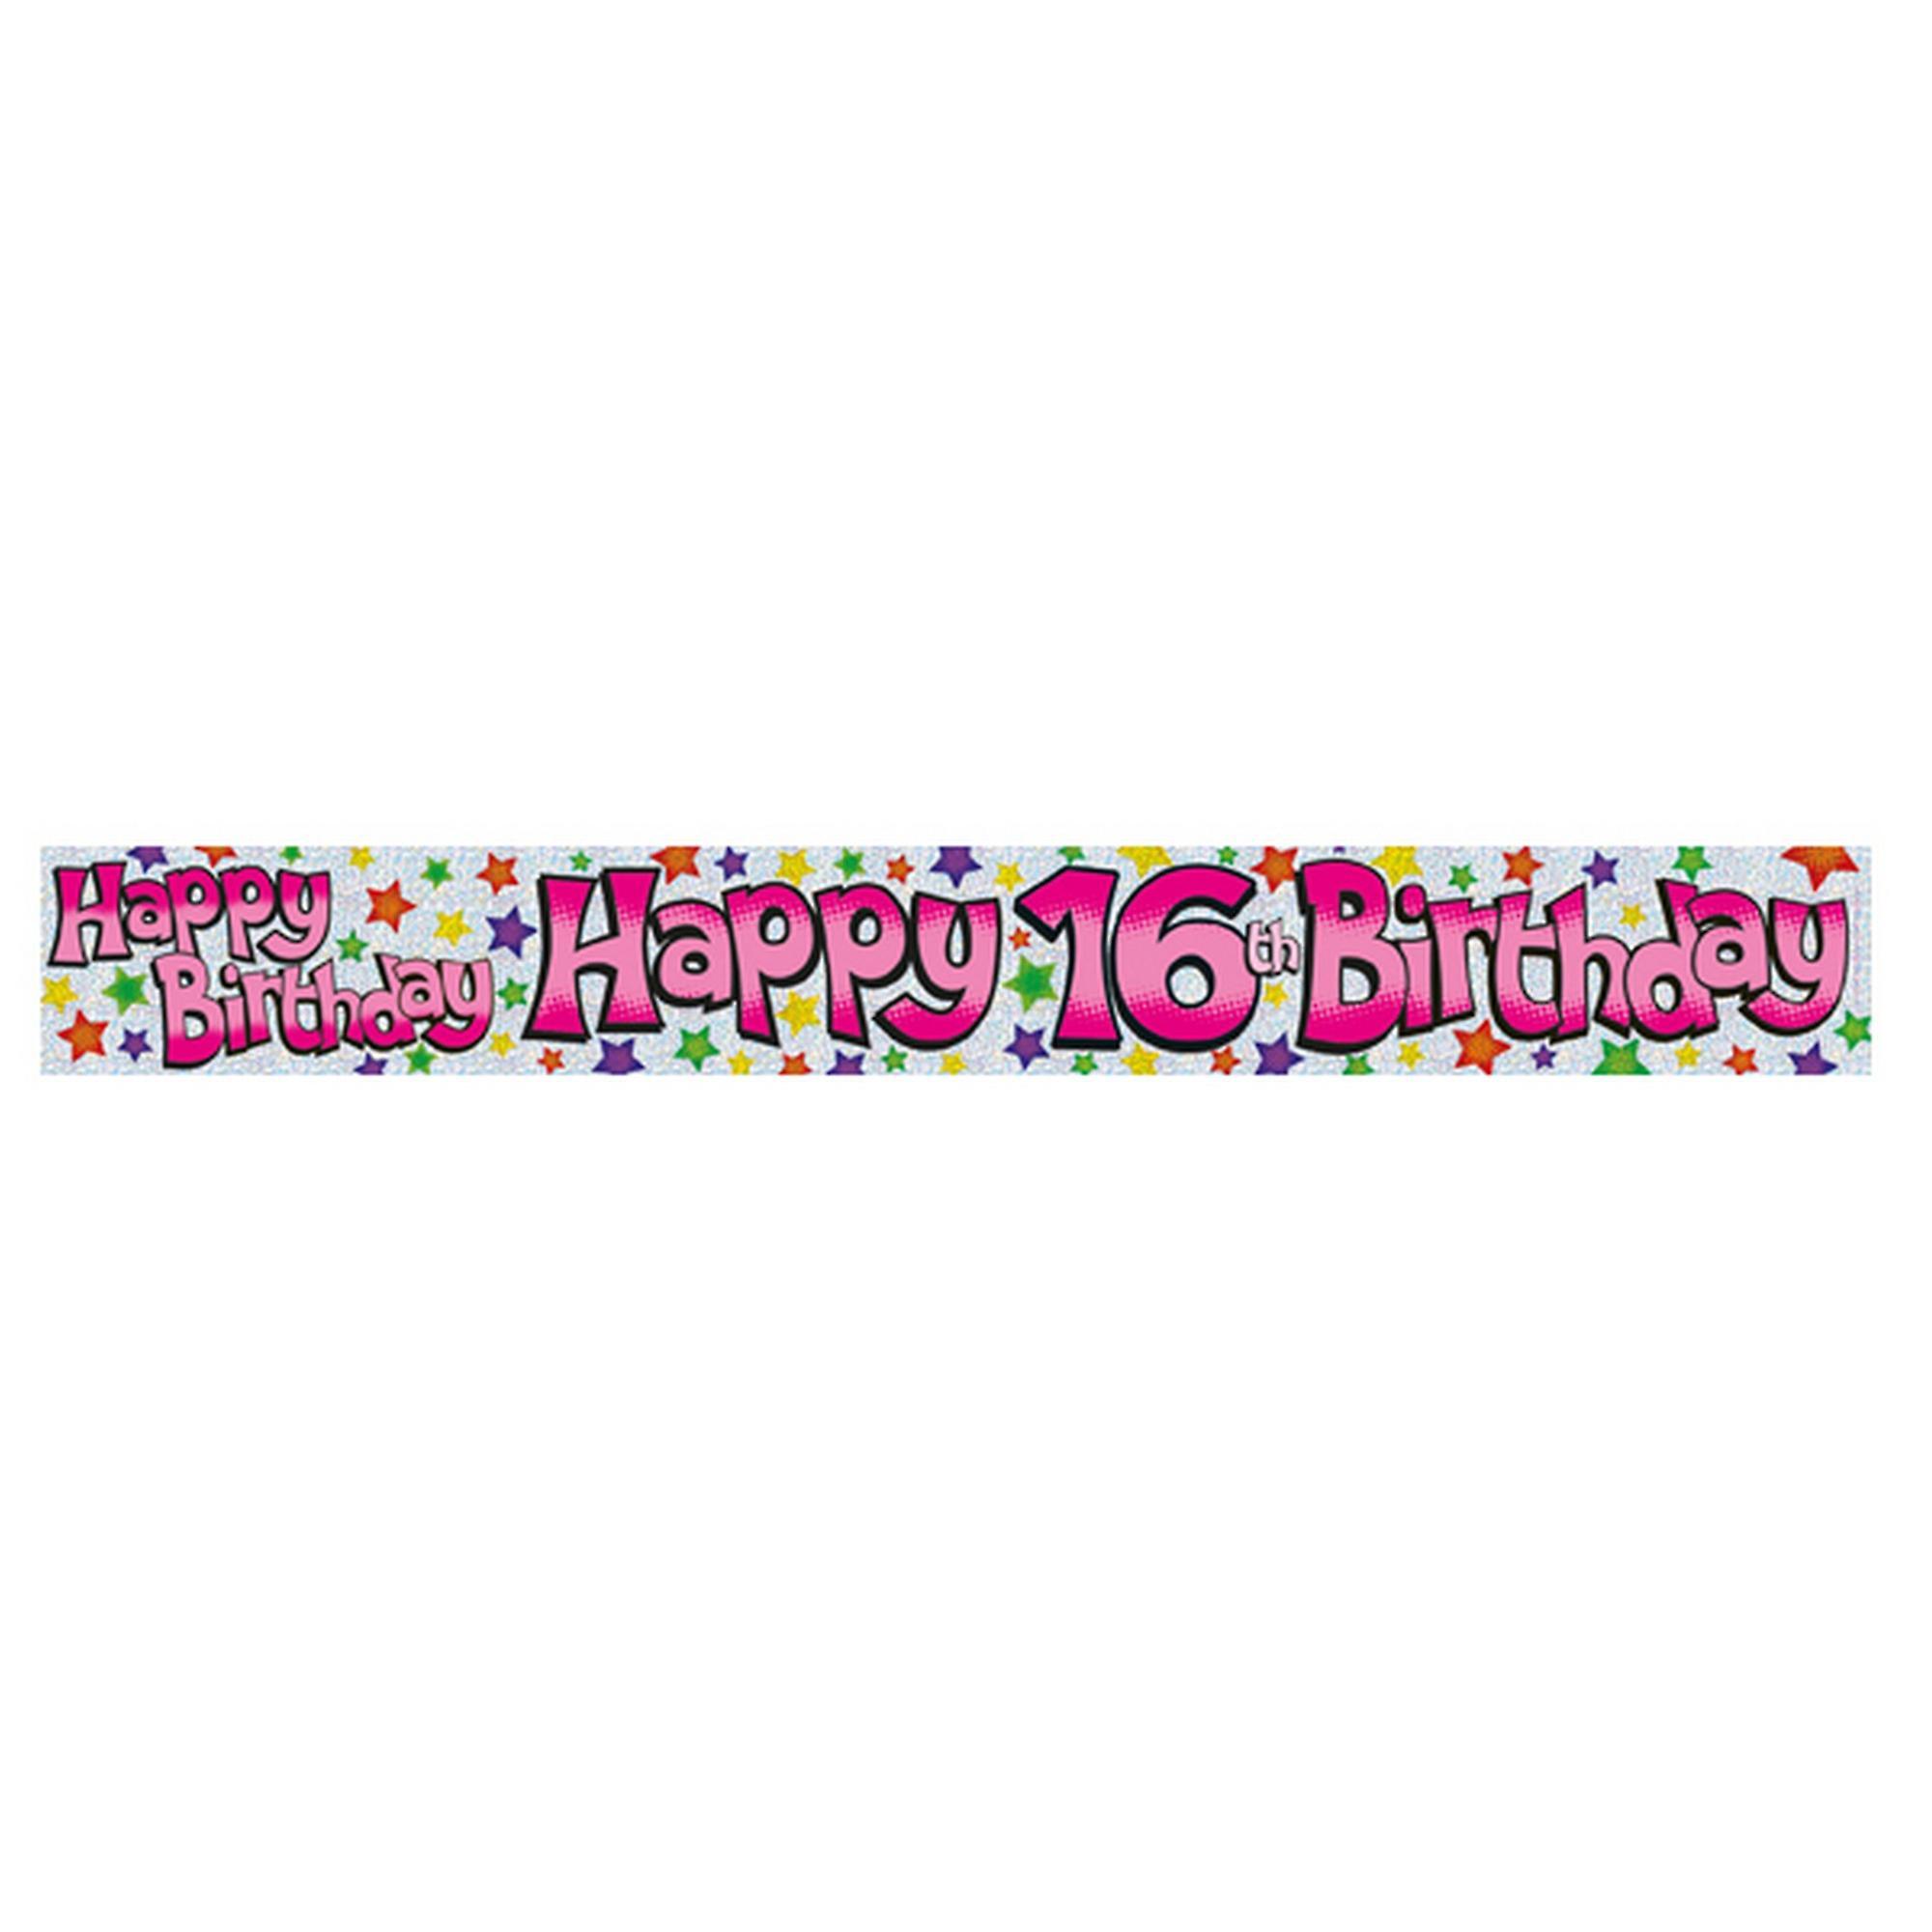 16de Verjaardag.Expressie Fabriek Childrens Meisjes Gelukkig 16de Verjaardag Floret Banner